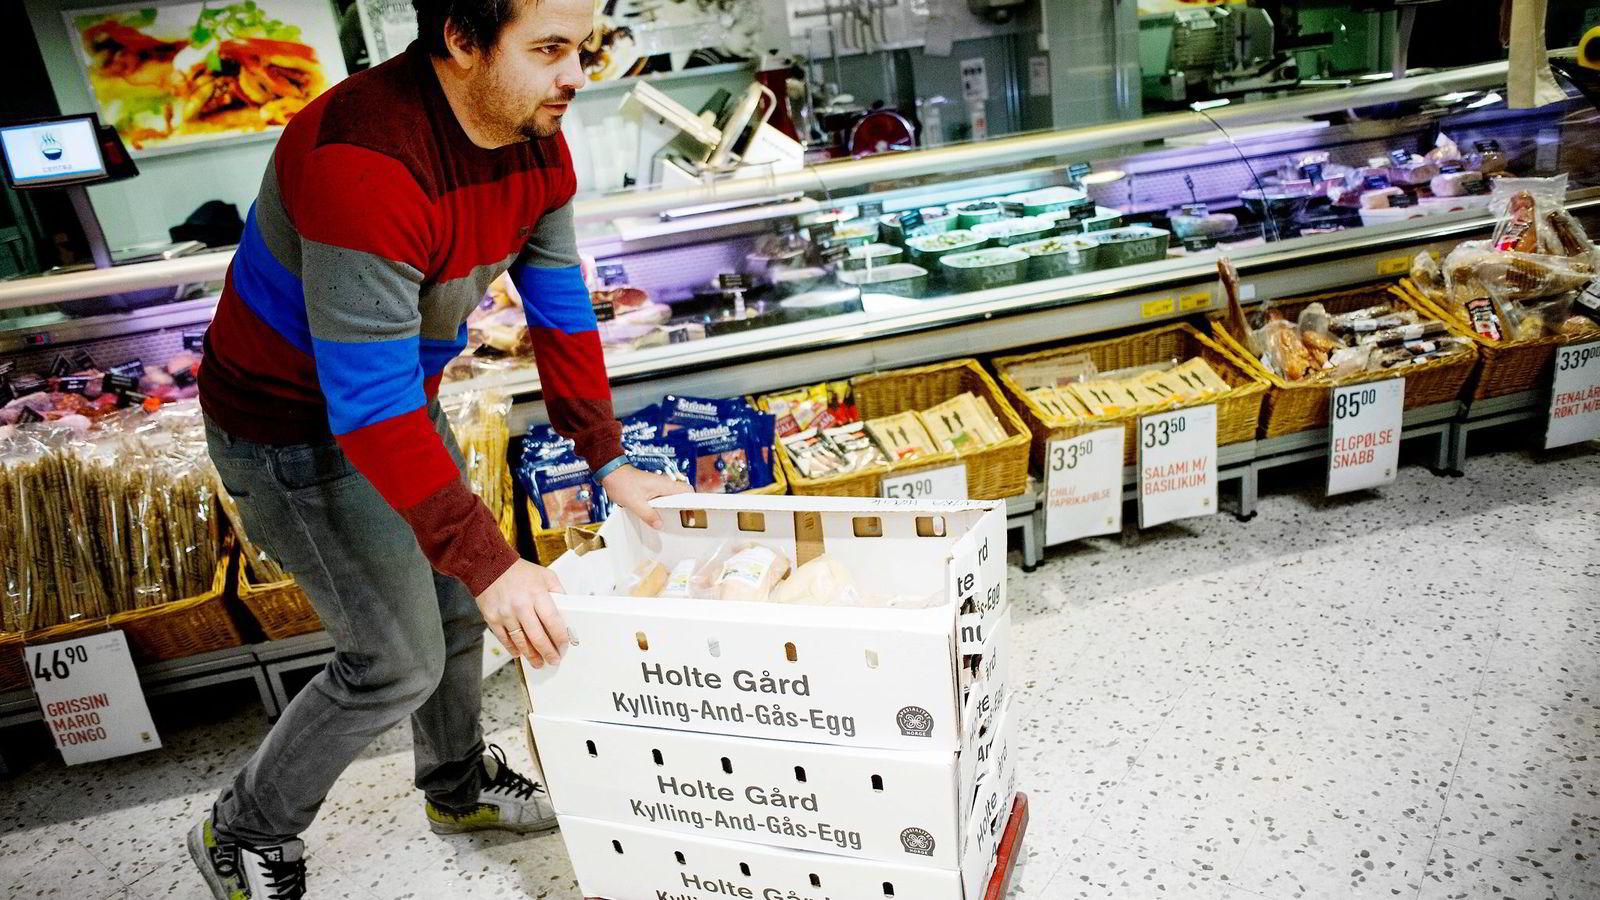 ØKER. Selv om prisen er høyere enn hos mange av konkurrentene, opplever Magnus Olsen økt etterspørsel etter sin kylling fra Holte gård.